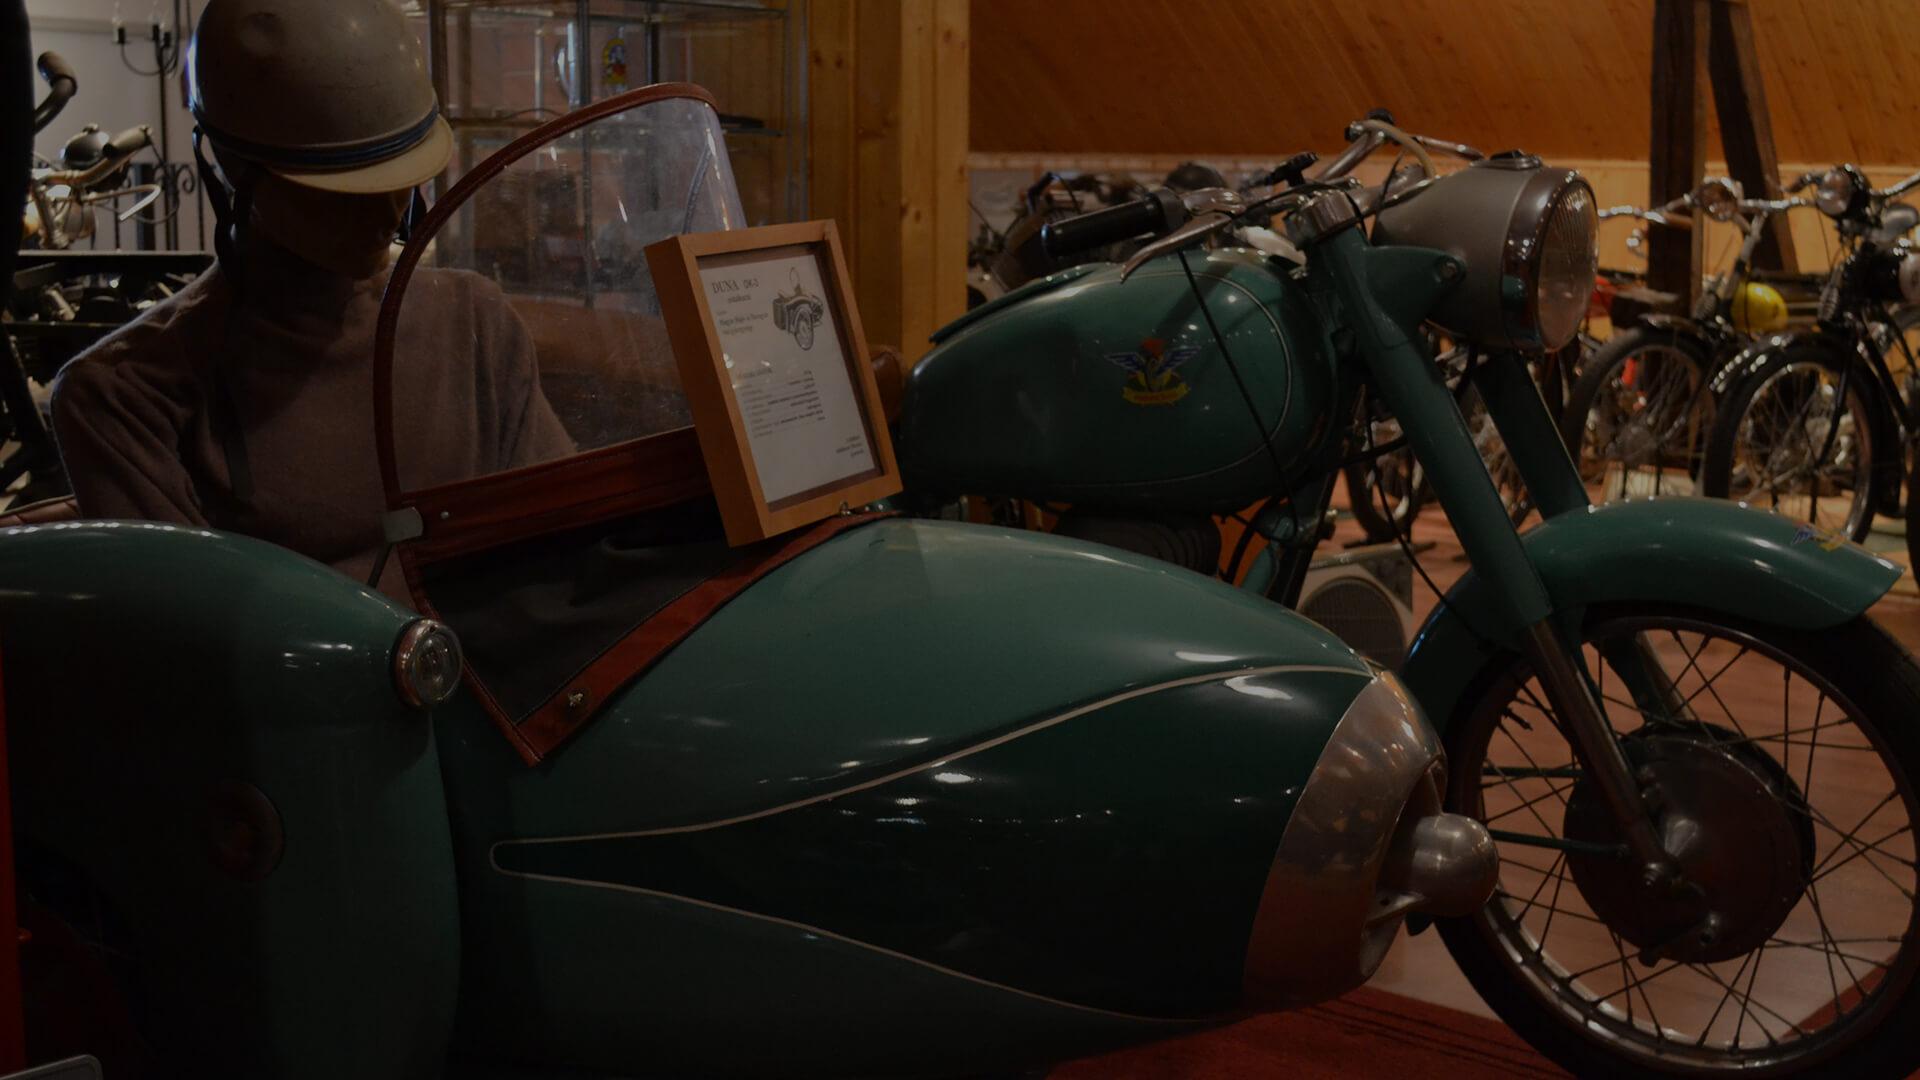 DUNA sidecar, 1964